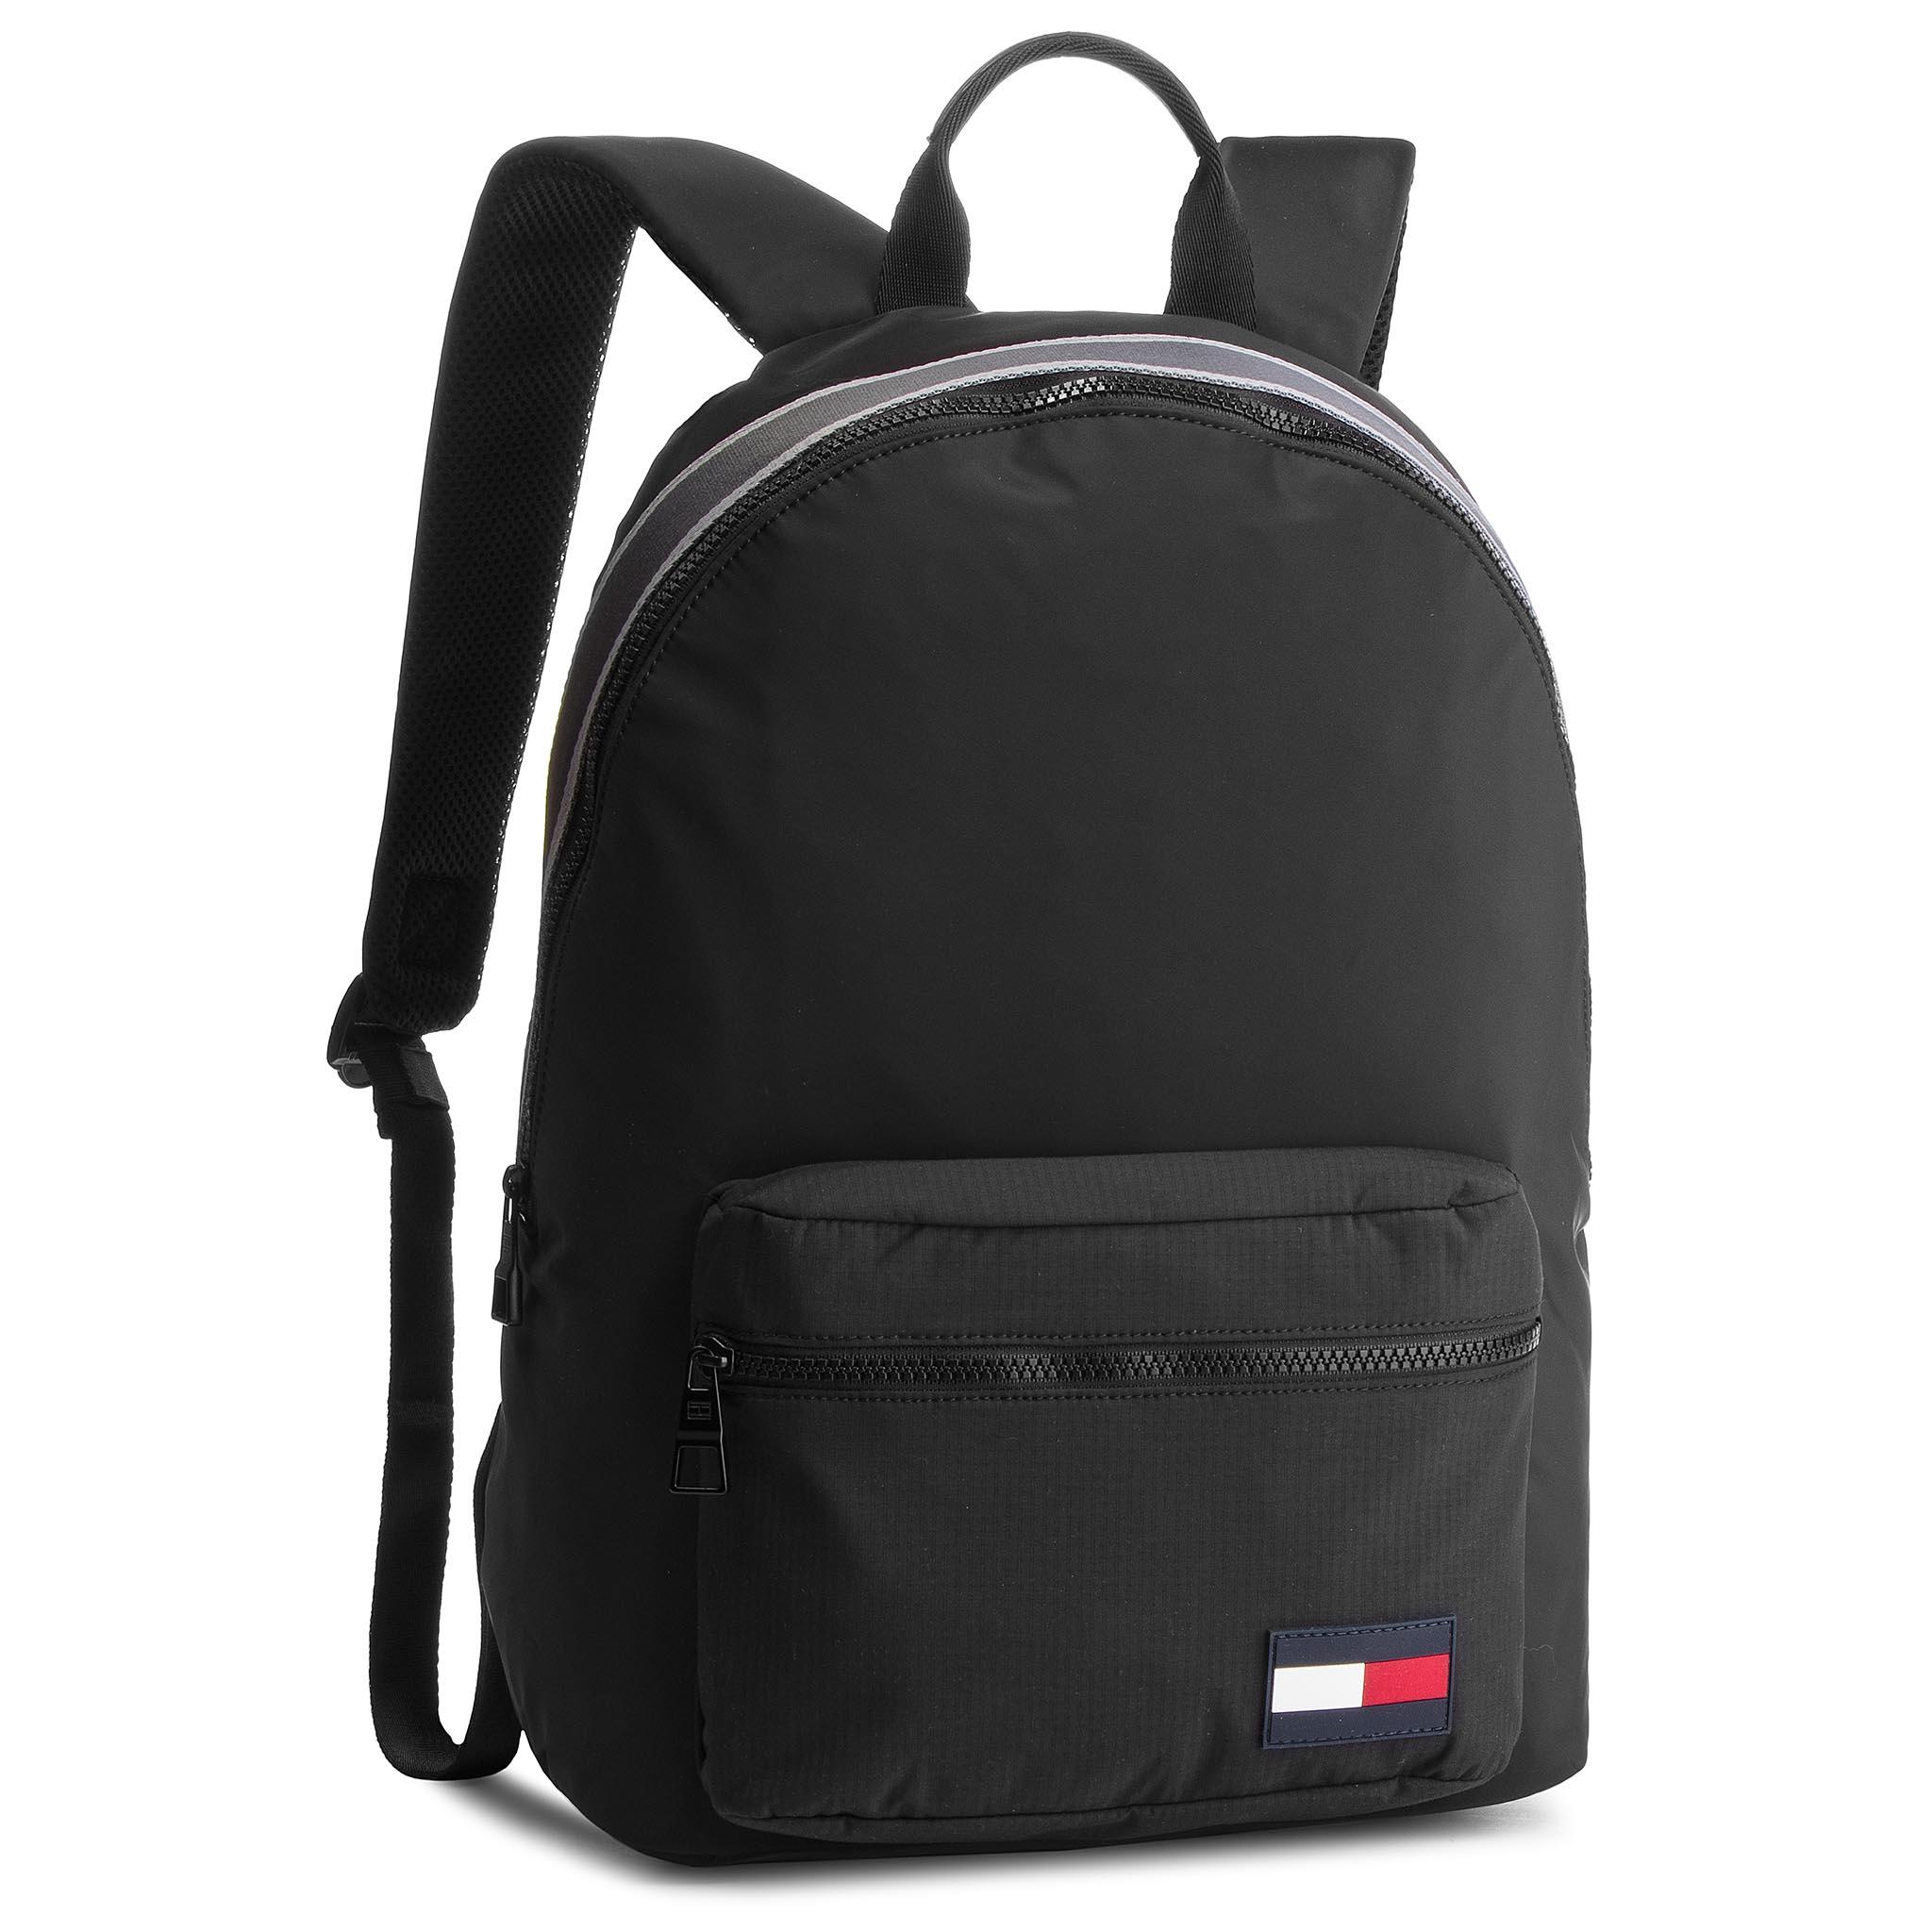 Ruksak TOMMY HILFIGER - Sport Mix Backpack AM0AM04253 002 - Glami.sk 8c20dff0c72